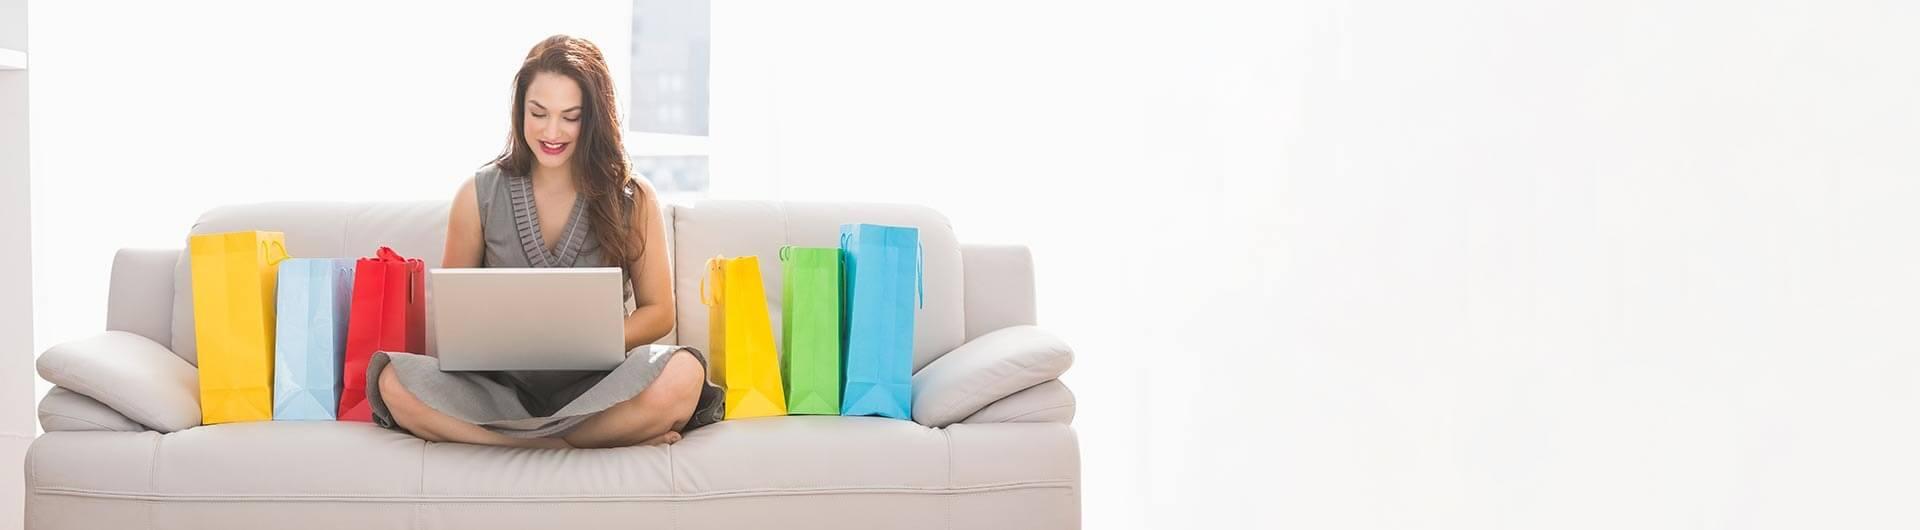 צ'אט בוט בשירות אישי אונליין – איך להגדיל מכירות באתר שלכם?